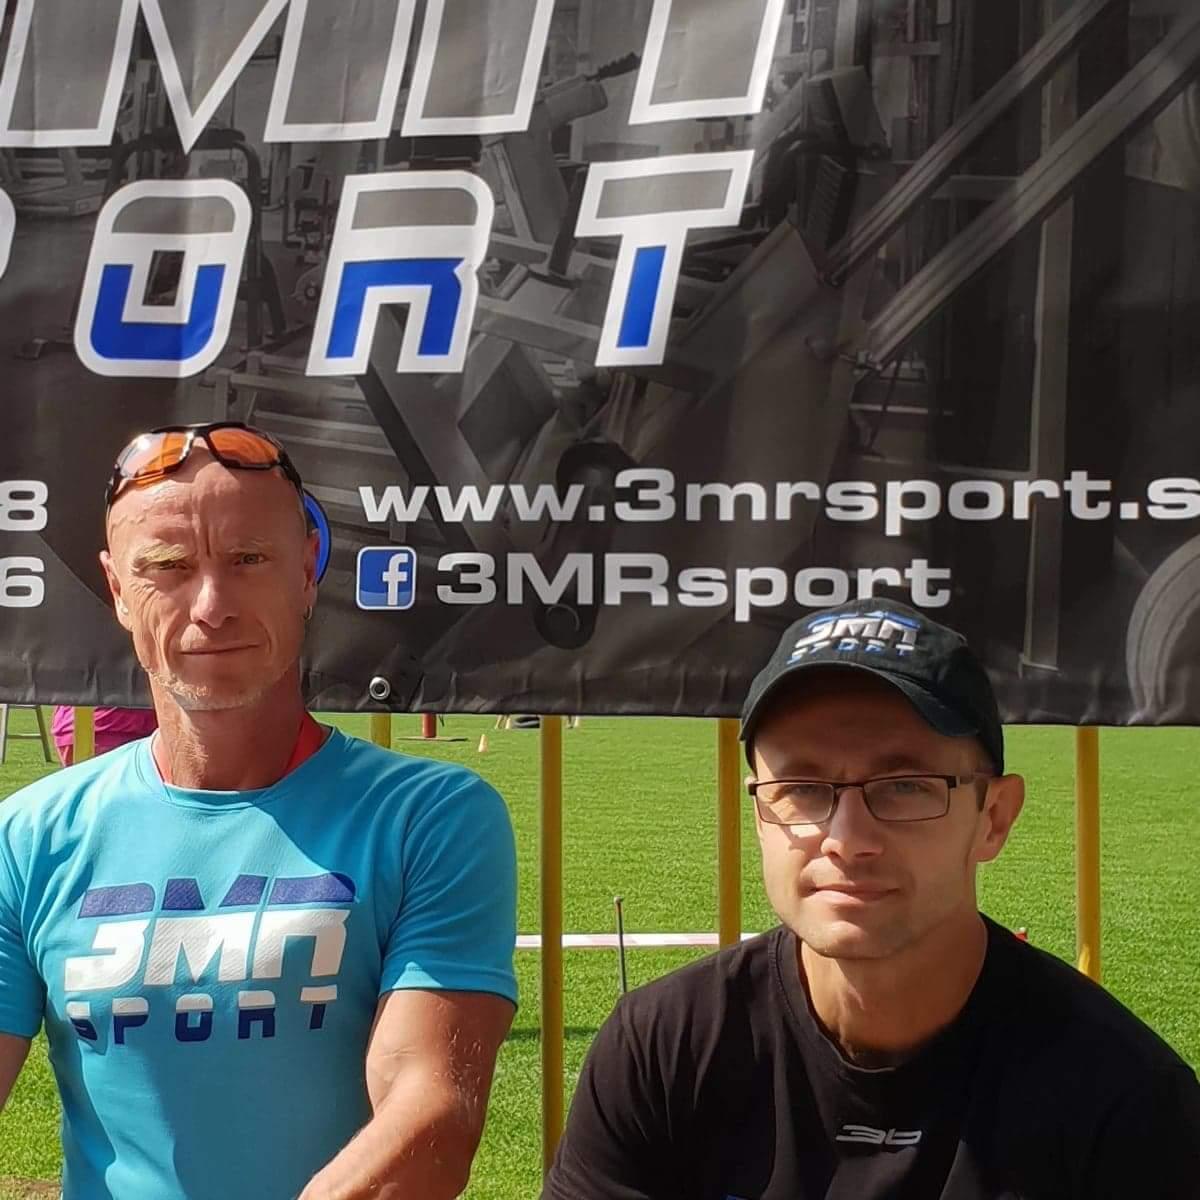 Osobní fitness tréneri 3MRsport Prešov